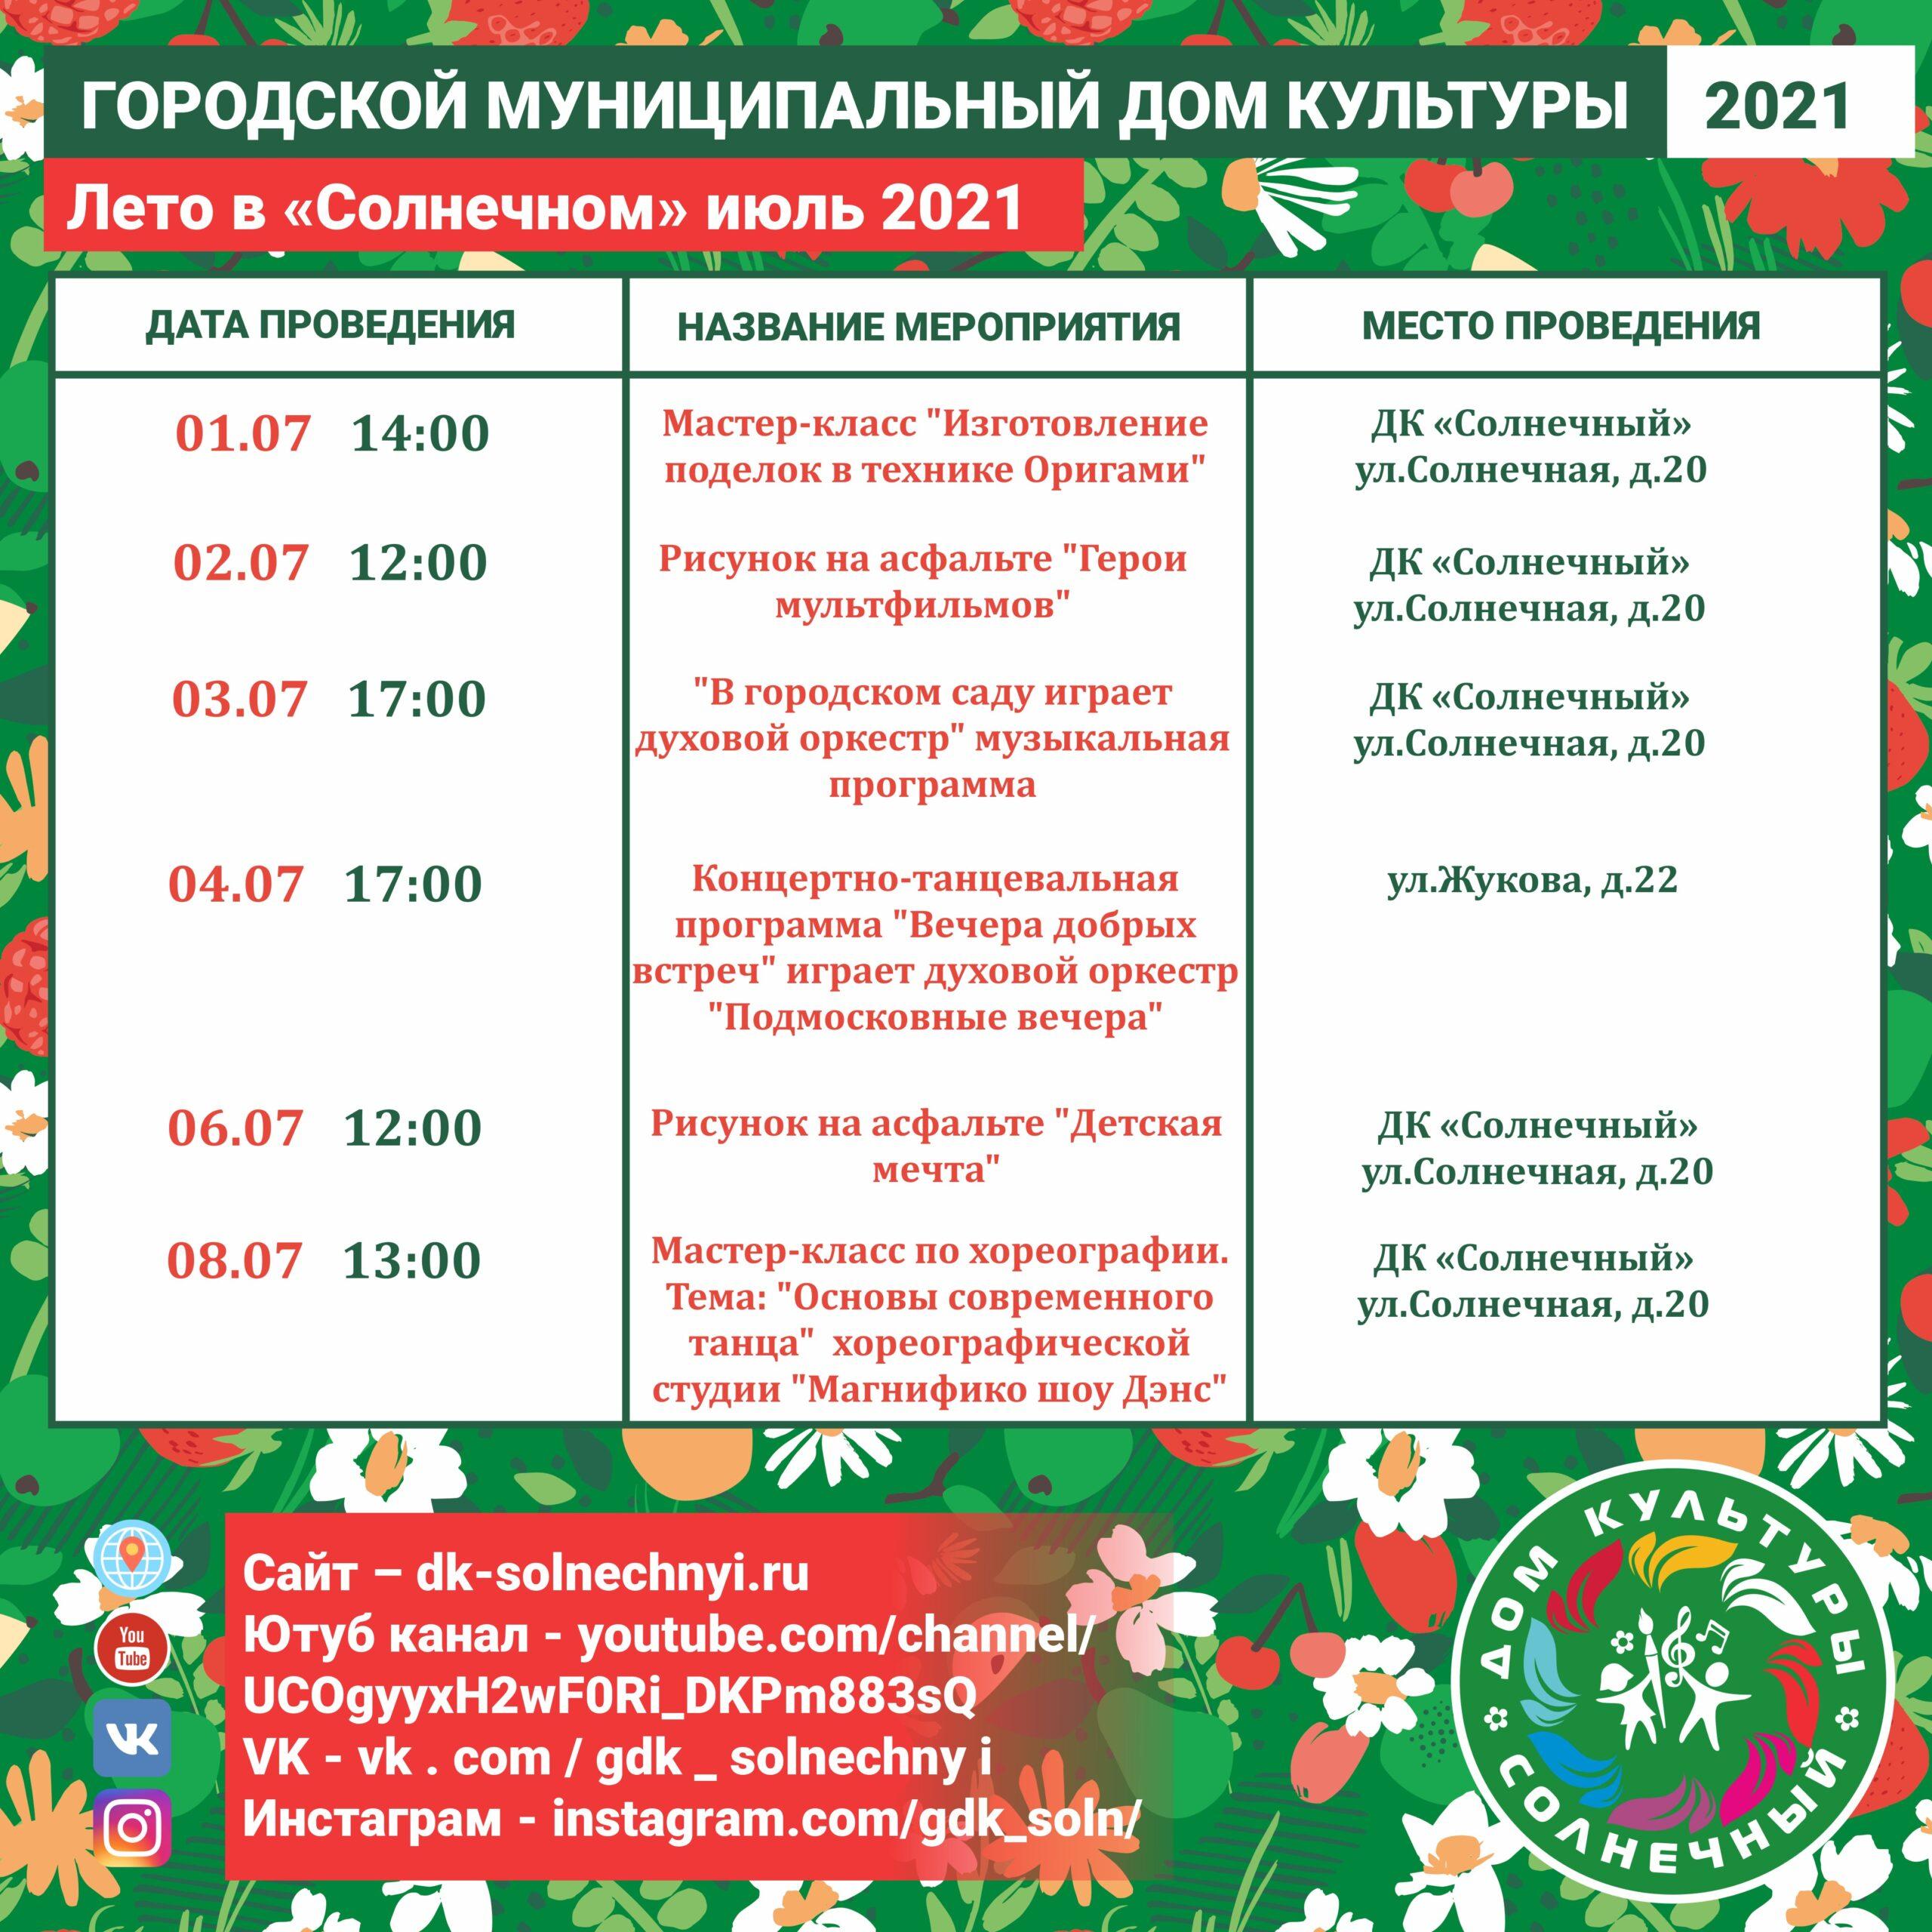 План мероприятий ДК «Солнечный» на июль 2021 года